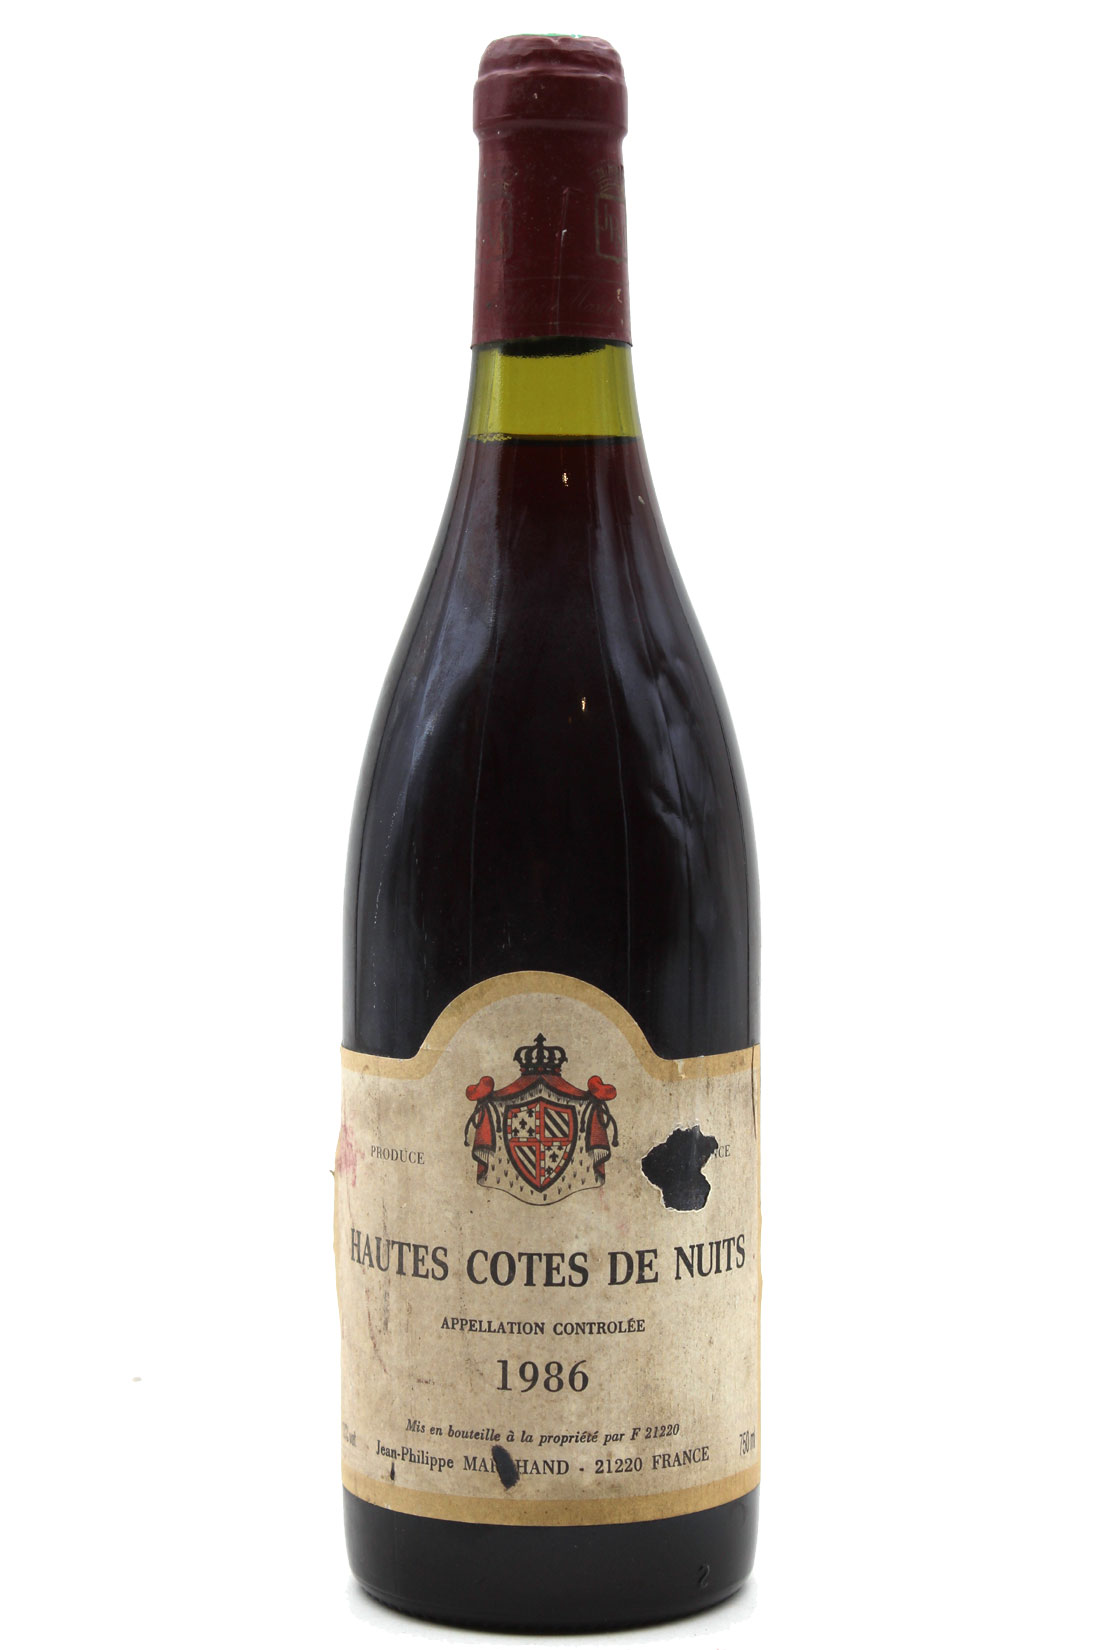 Hautes-Côtes de Nuits 1986 - 75cl - AOC Bourgogne